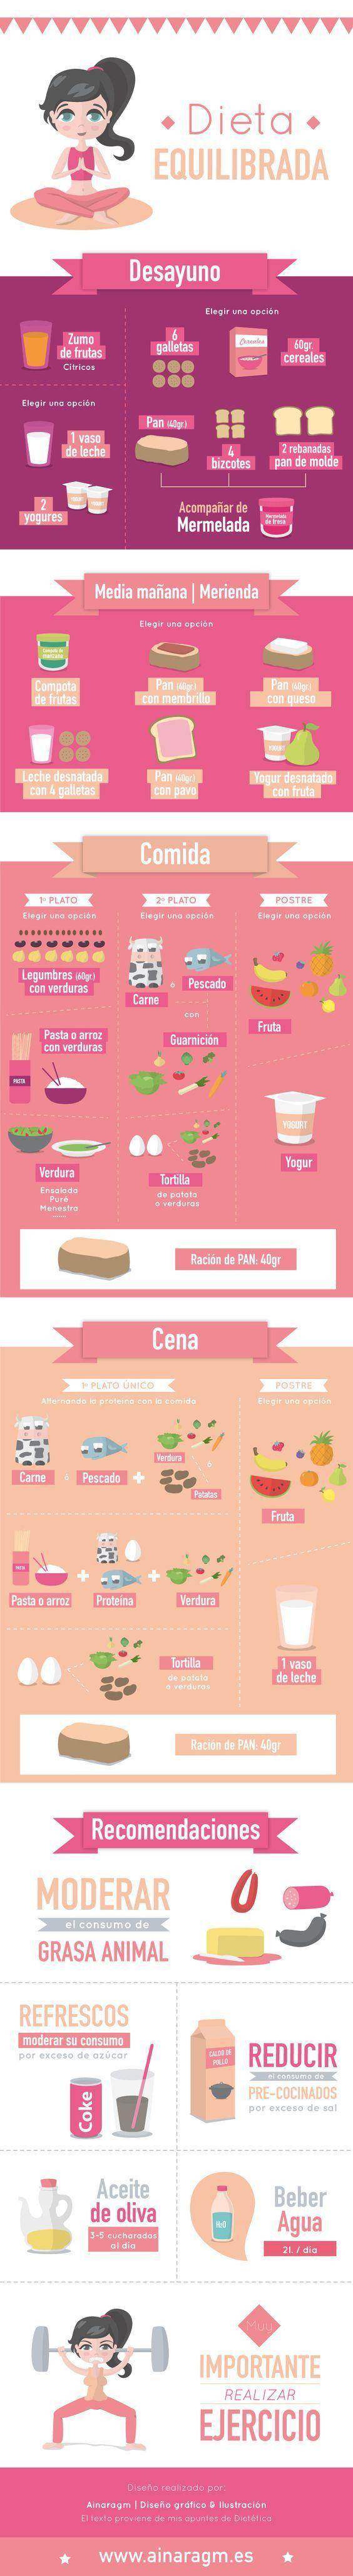 Dieta equilibrada. #salud #conocersalud | https://lomejordelaweb.es/